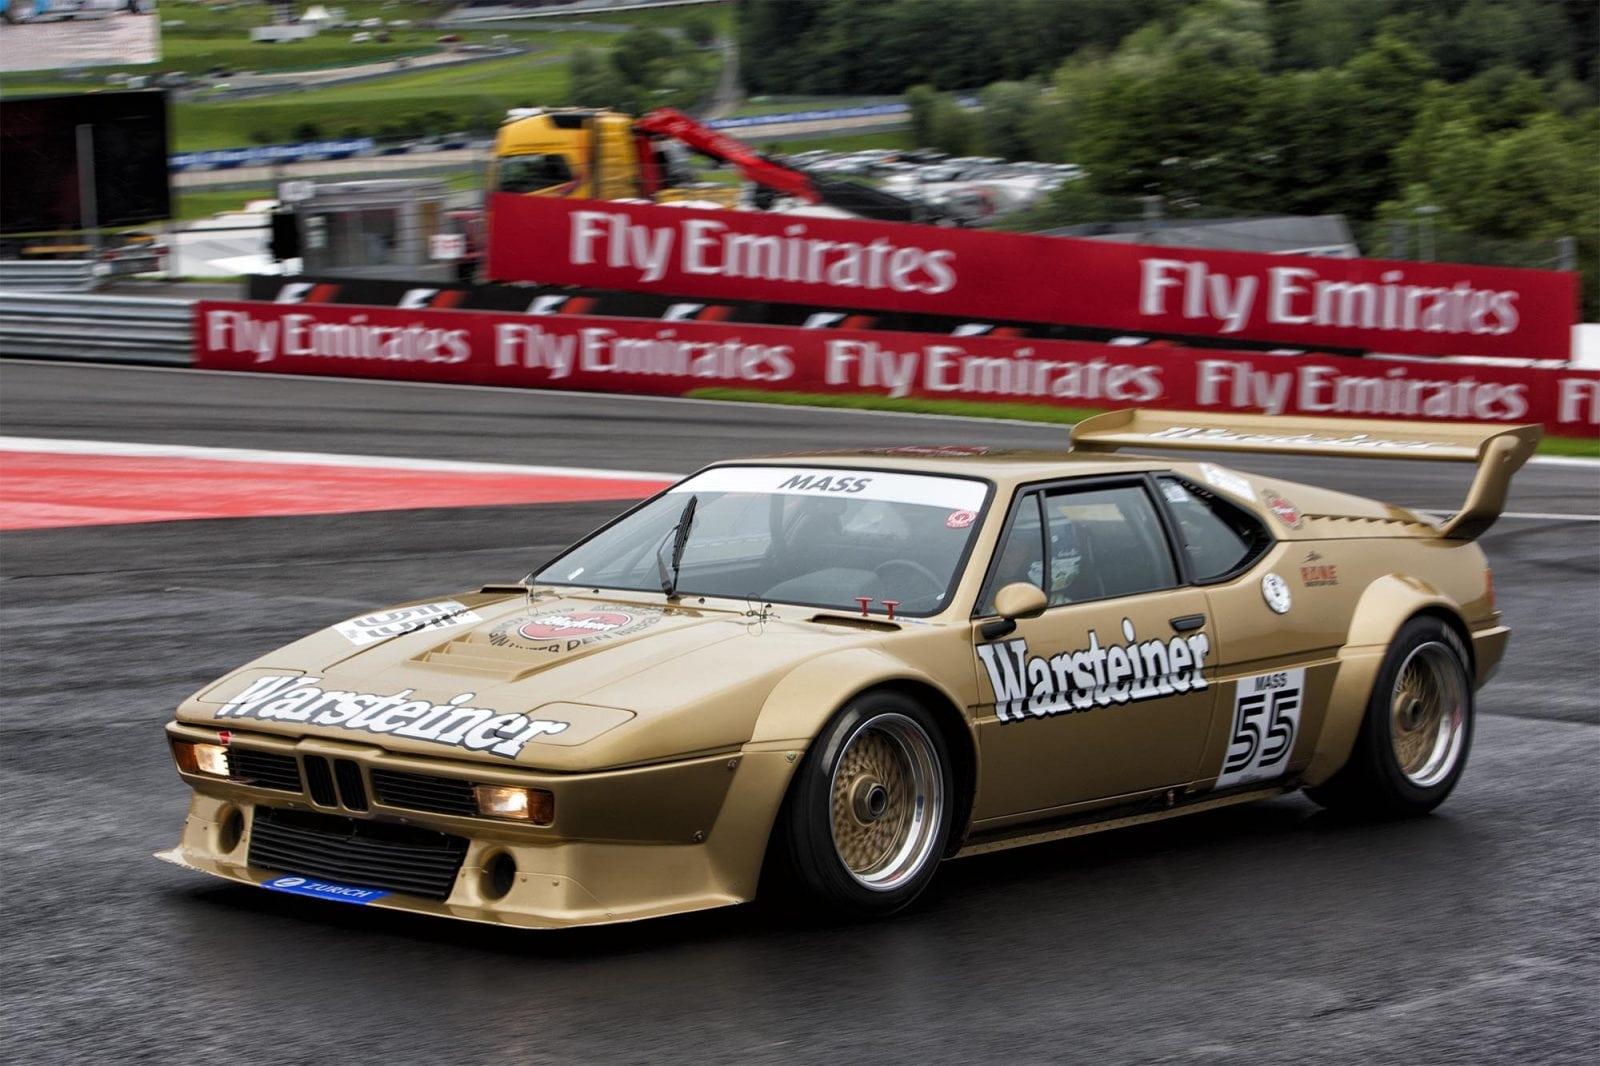 BMW M1 Procar #55 – Jochen Mass